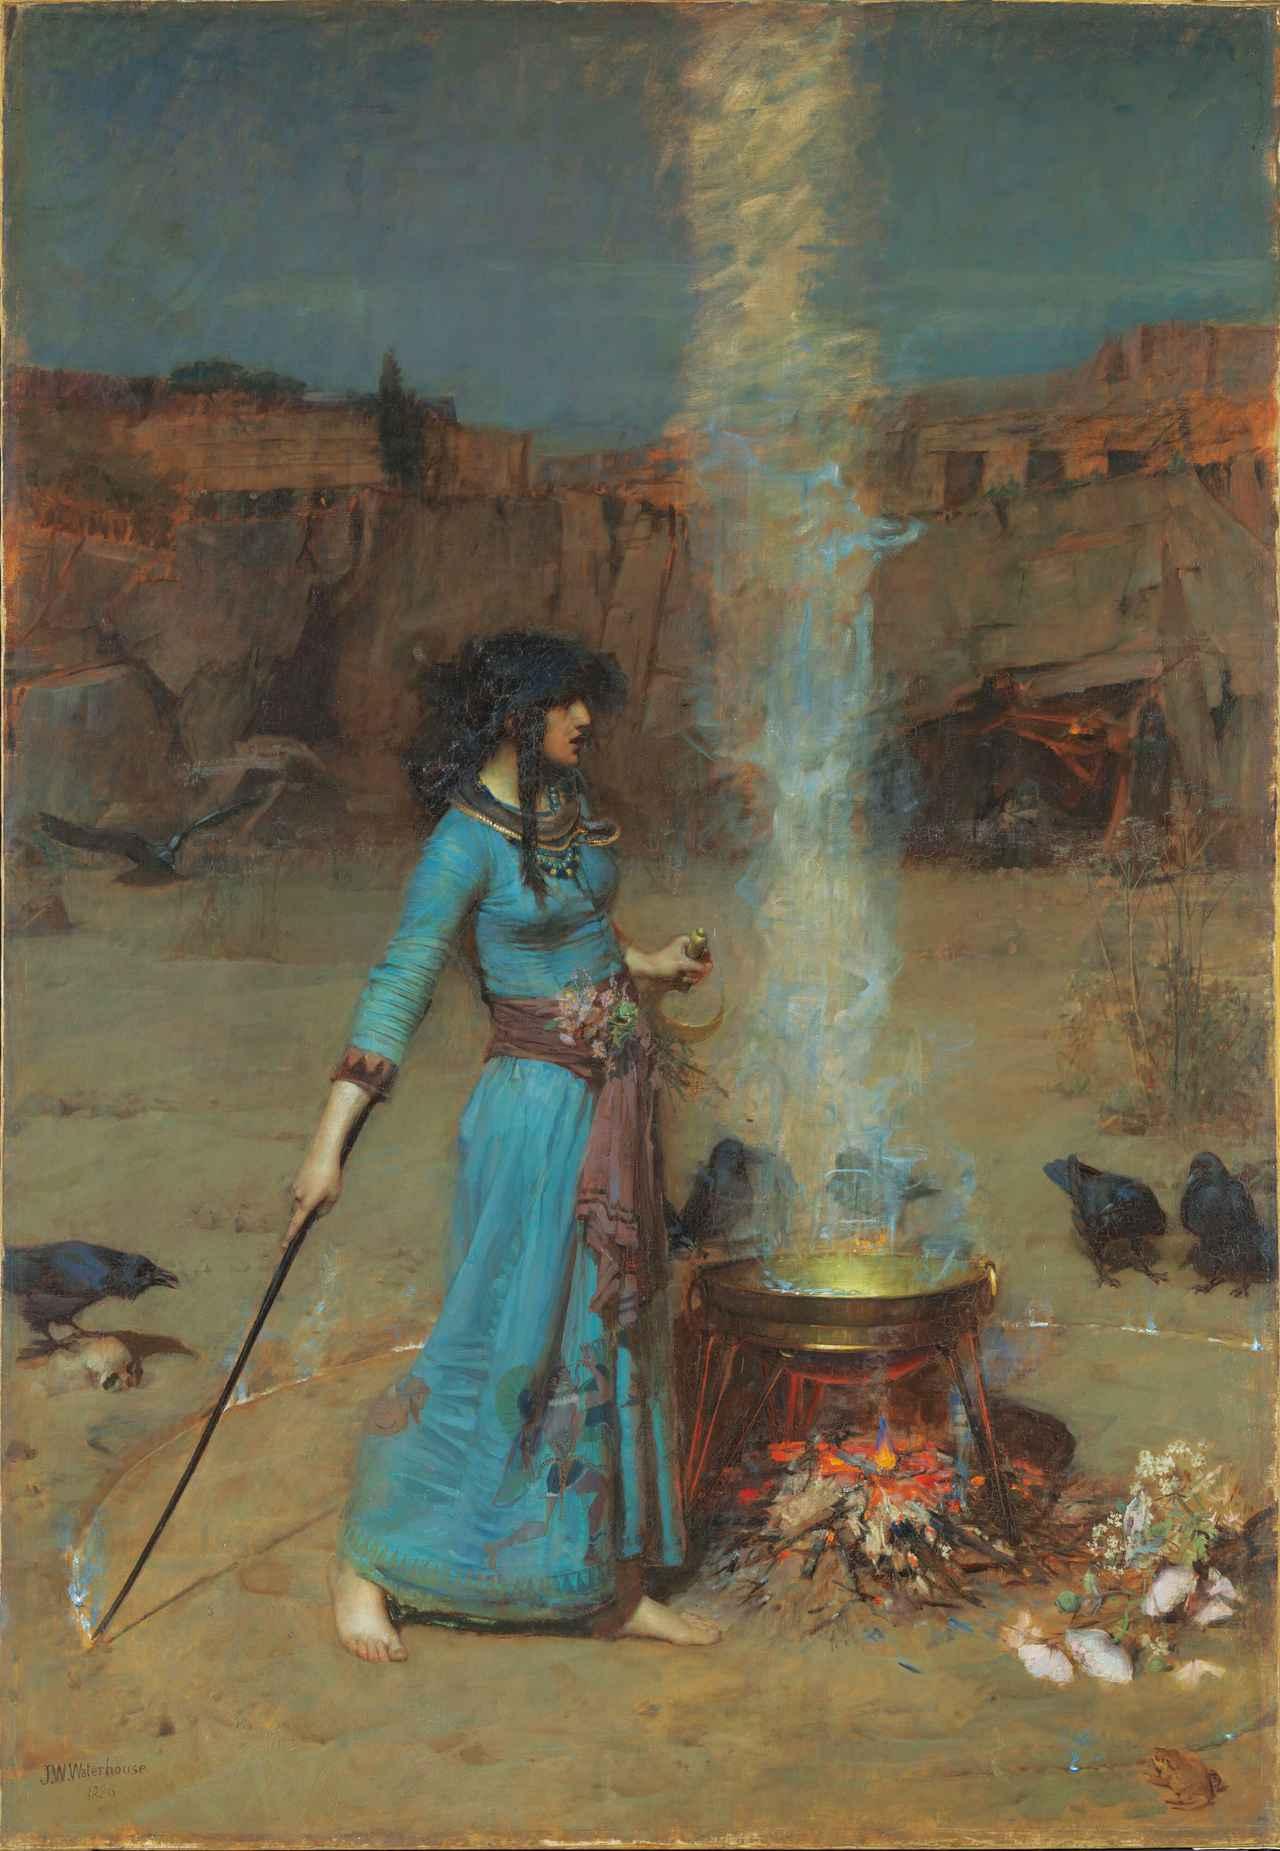 画像: ジョン・ウィリアム・ウォーターハウス《魔法円》 1886年 油彩/カンヴァス テート蔵 ©Tate, London 2019